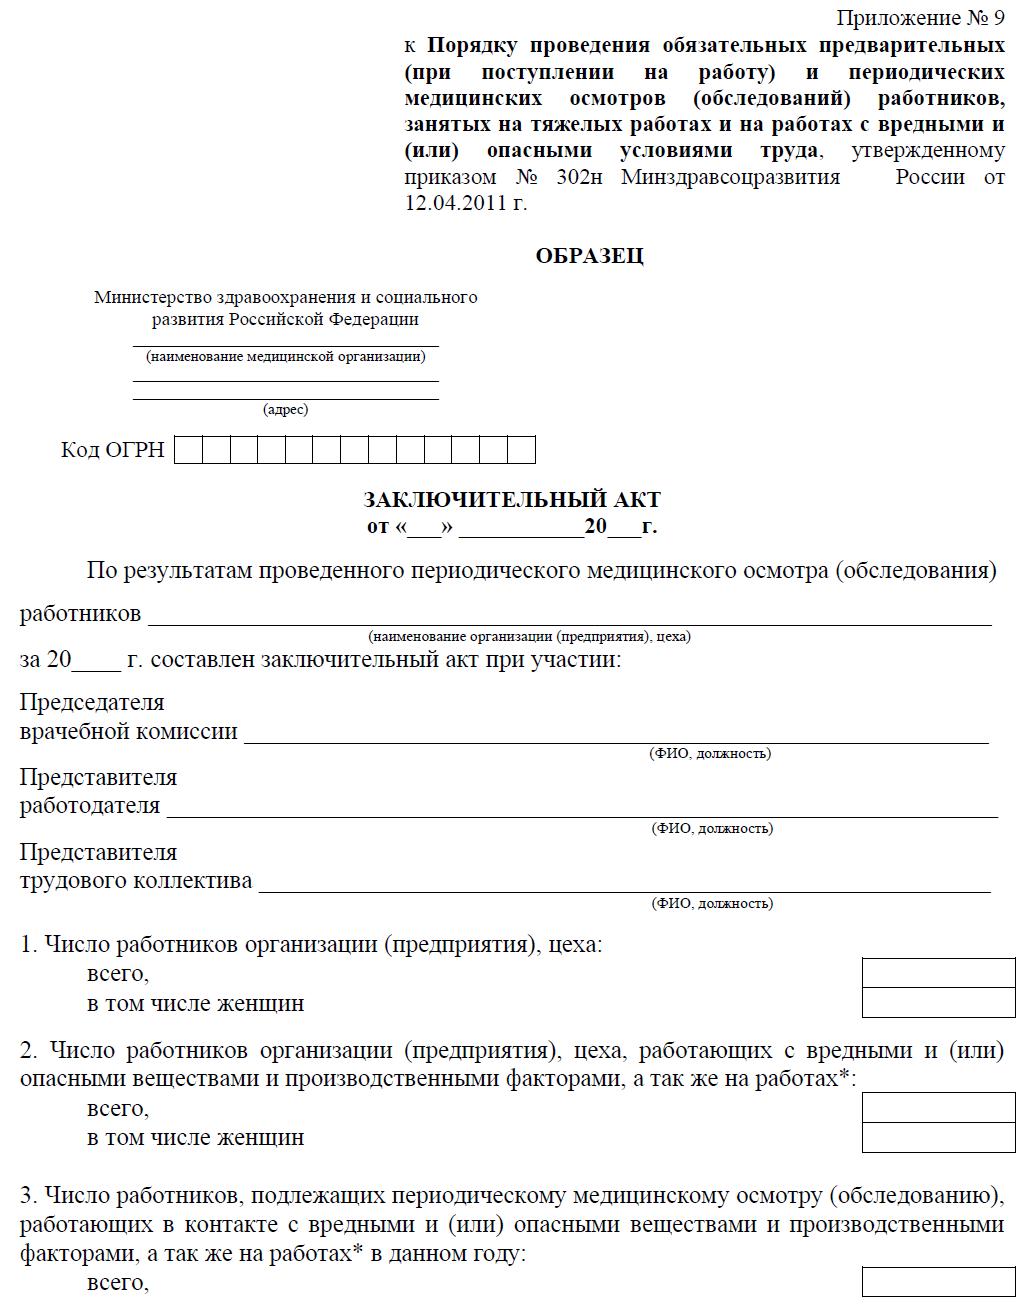 Заключение предварительного (периодического) медицинского осмотра (обследования)